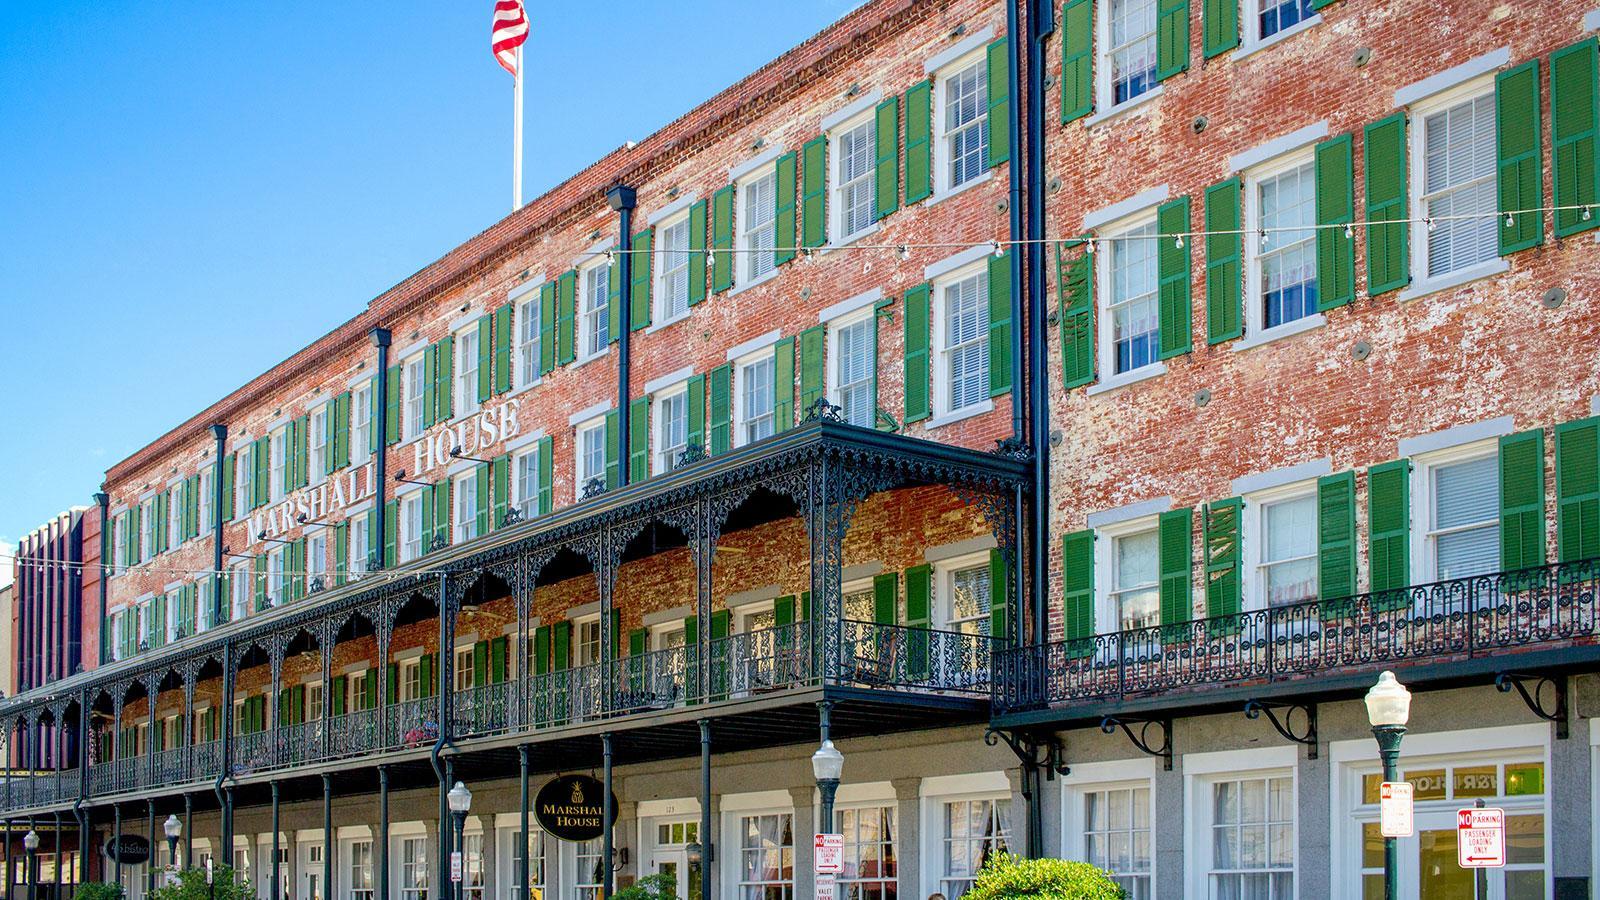 Hotels In Savannah Visit